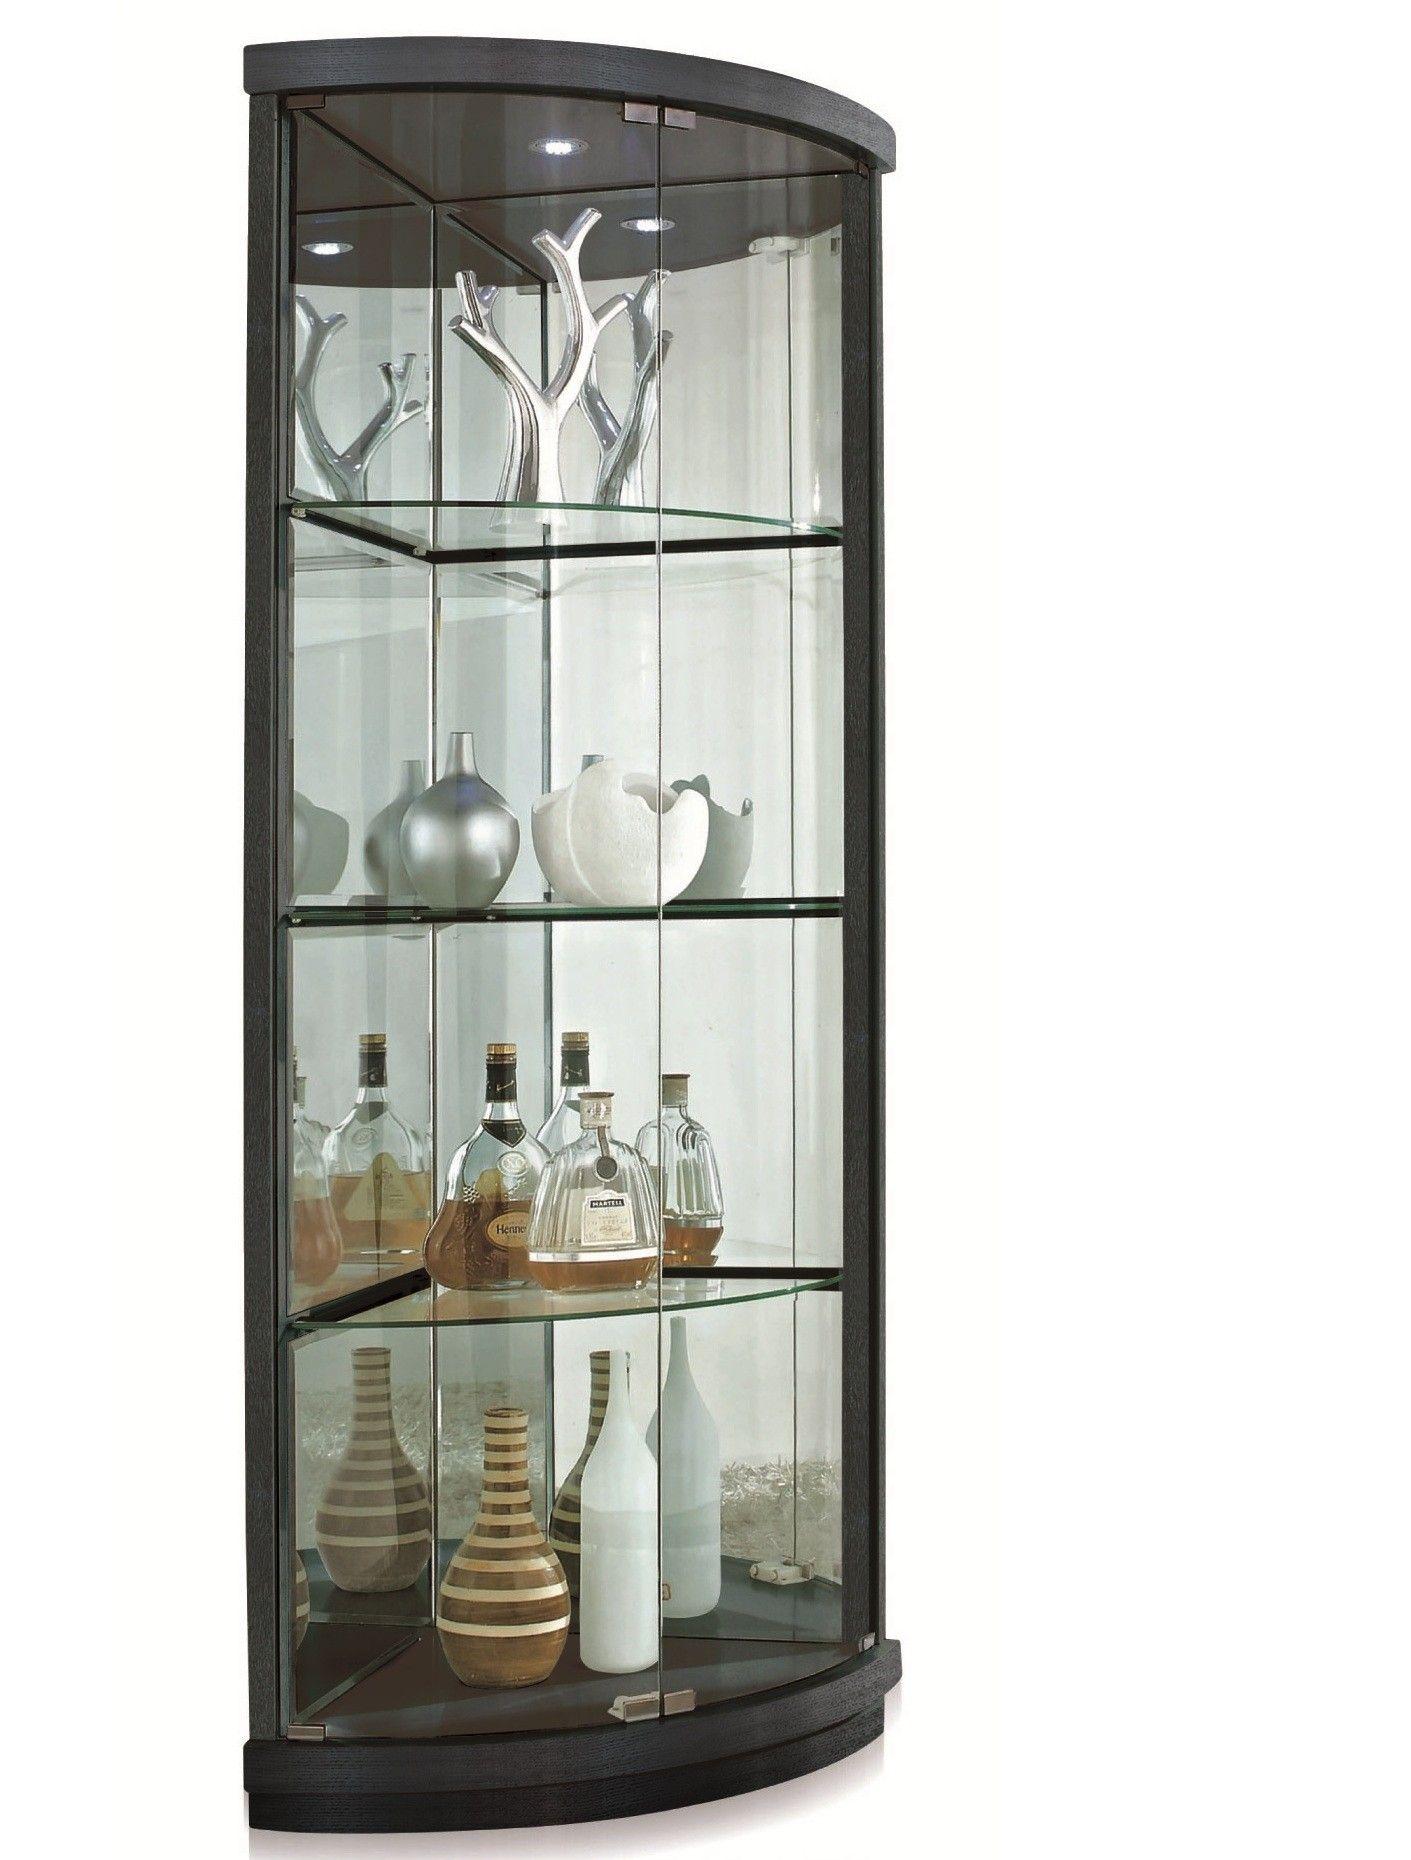 Omh New Spec Corner Curio Cabinet Reviews Wayfair 74 8 H X